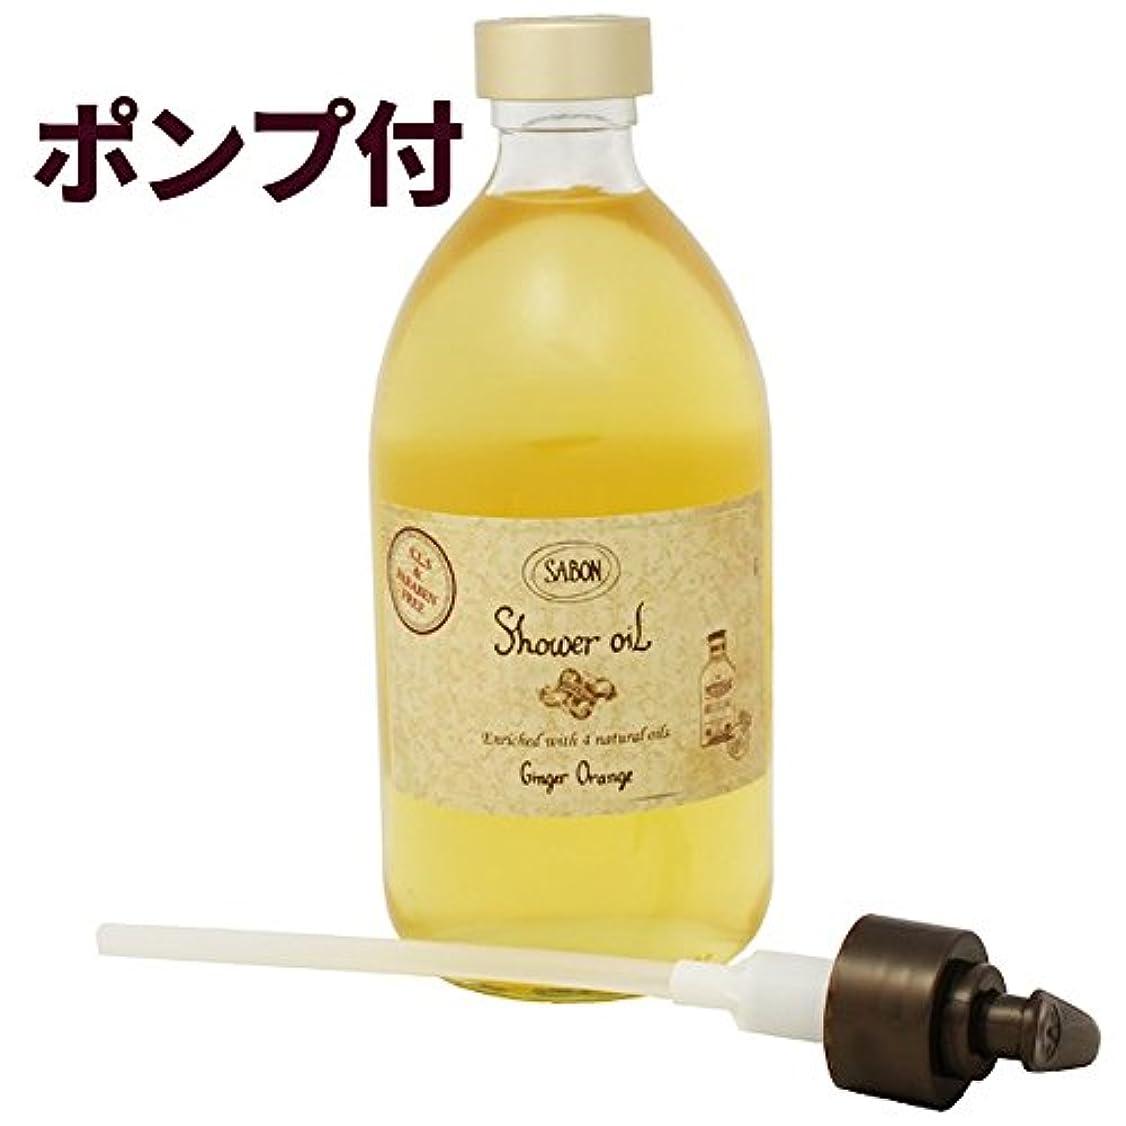 第五小間流出サボン シャワーオイル ジンジャーオレンジ 500ml(並行輸入品)